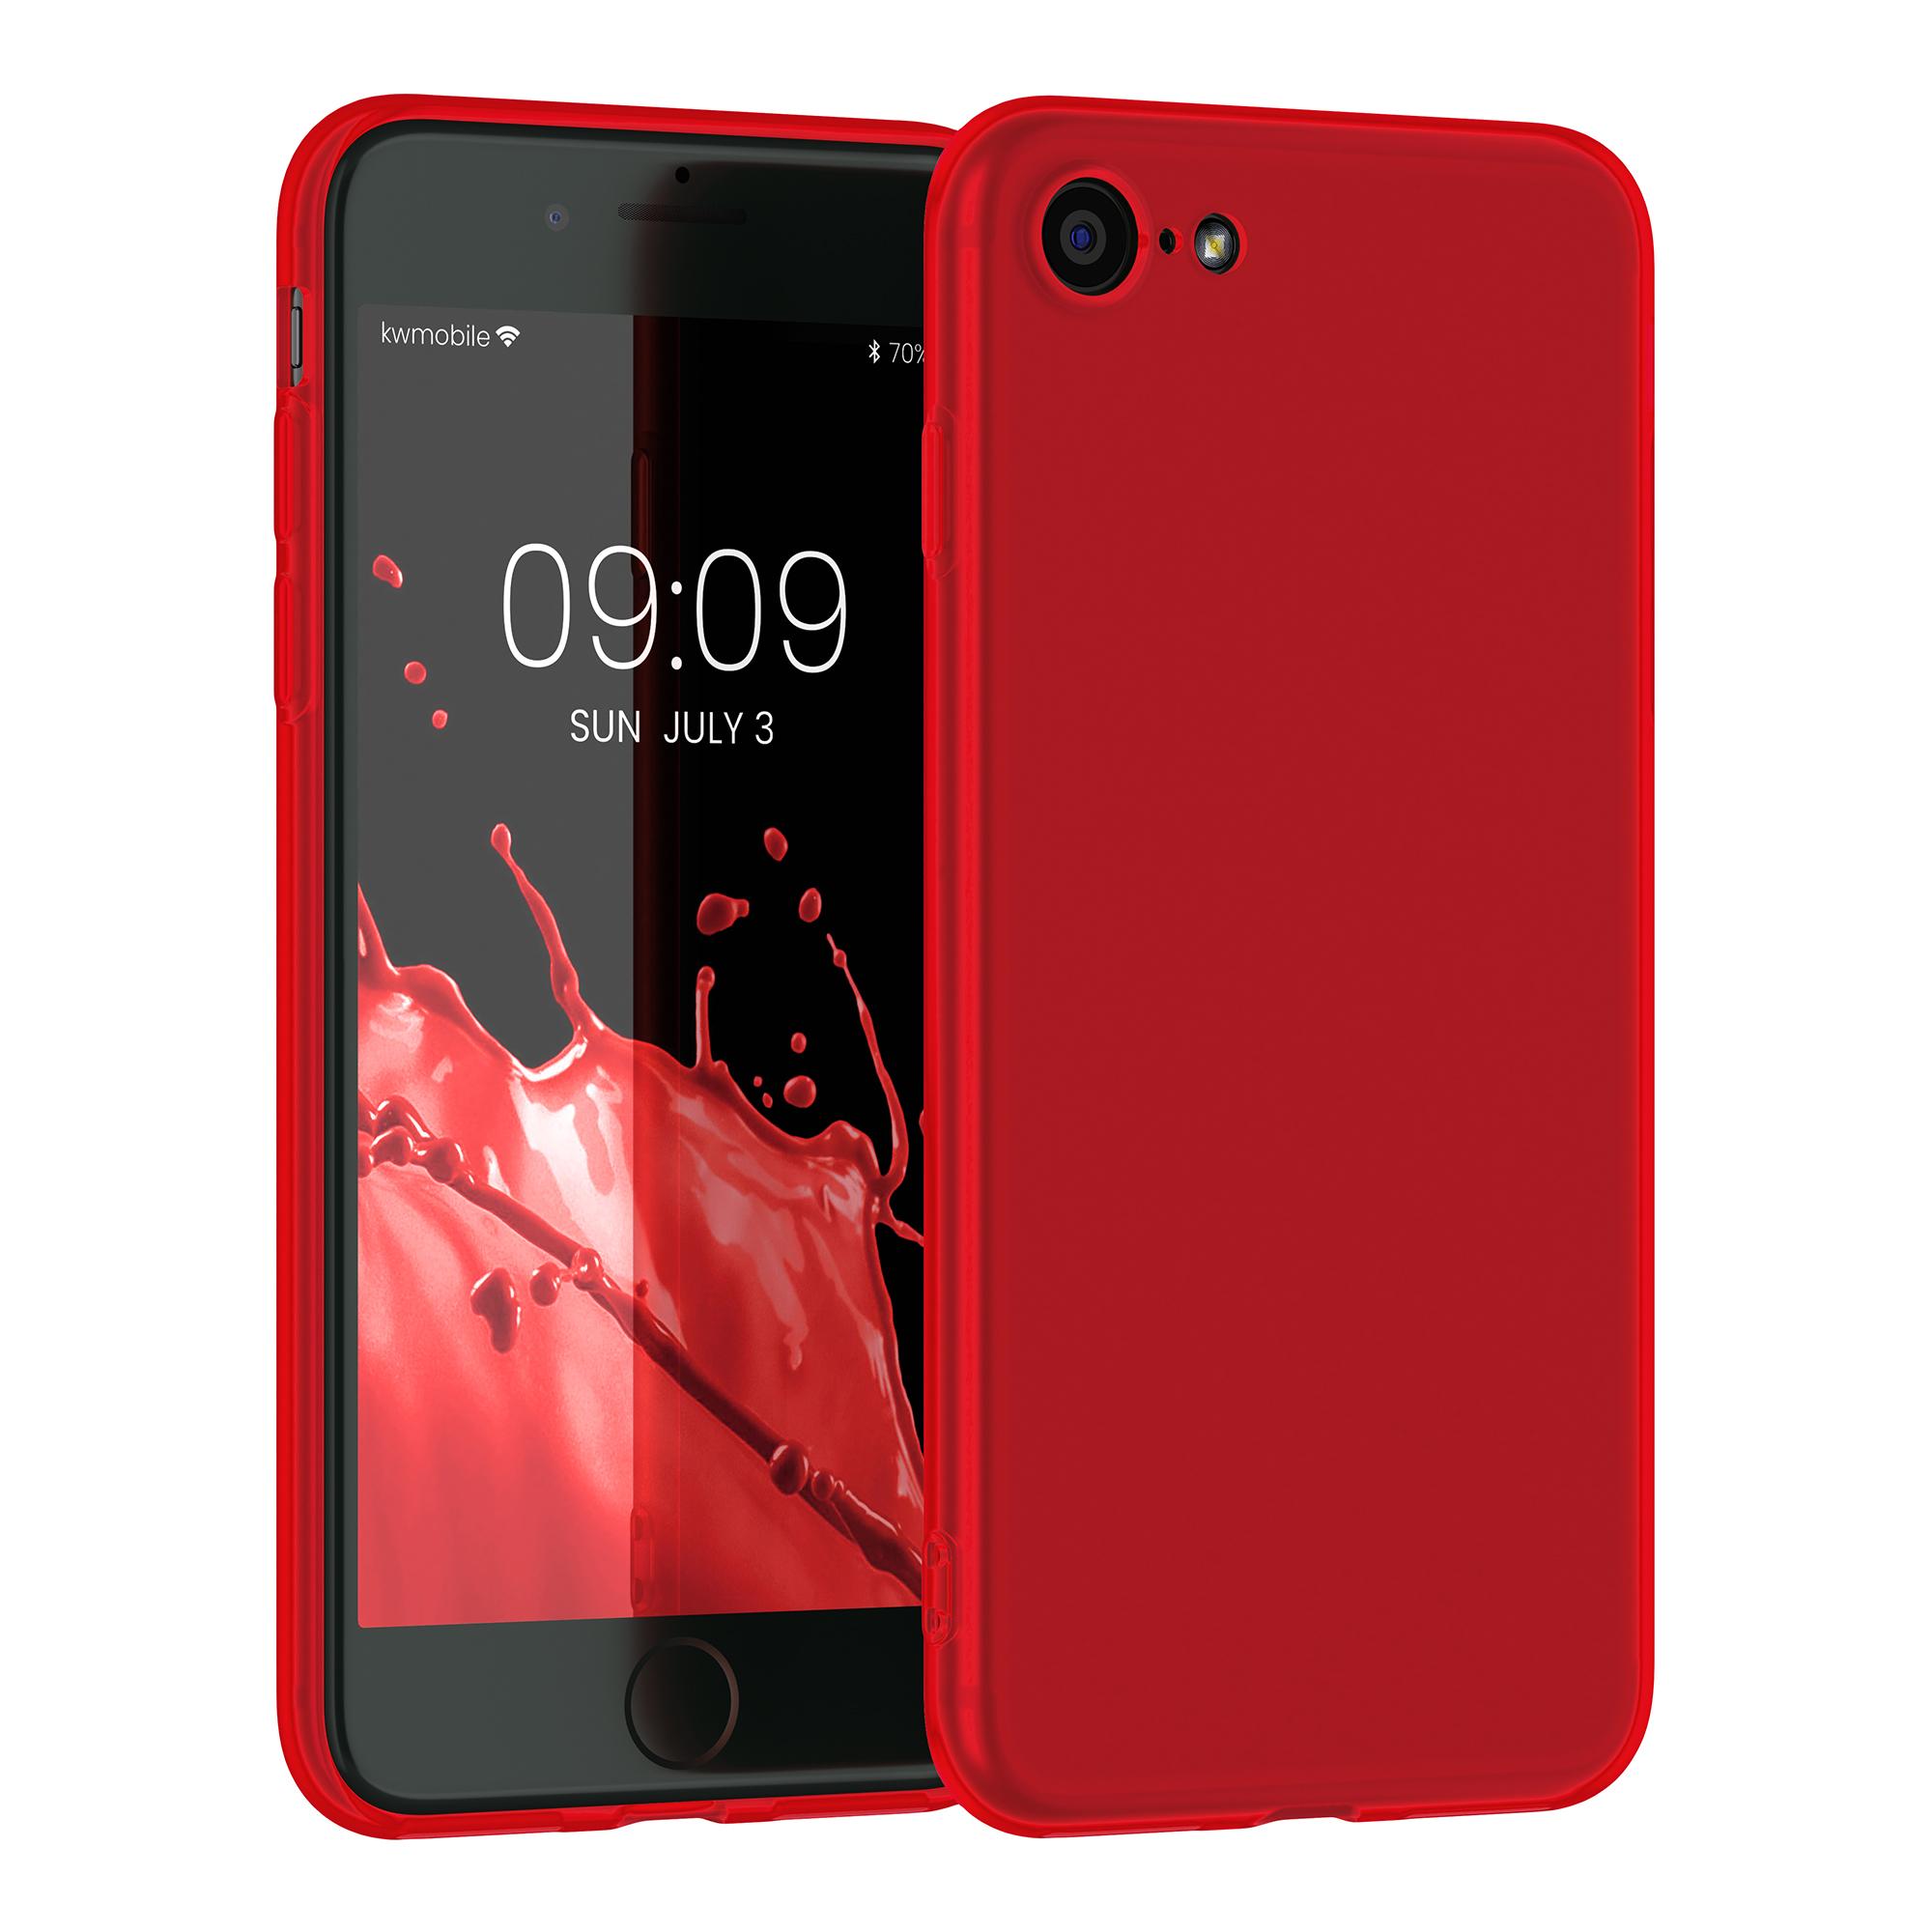 Kvalitní silikonové TPU pouzdro pro Apple iPhone 7 / 8 / SE  - Neon Red